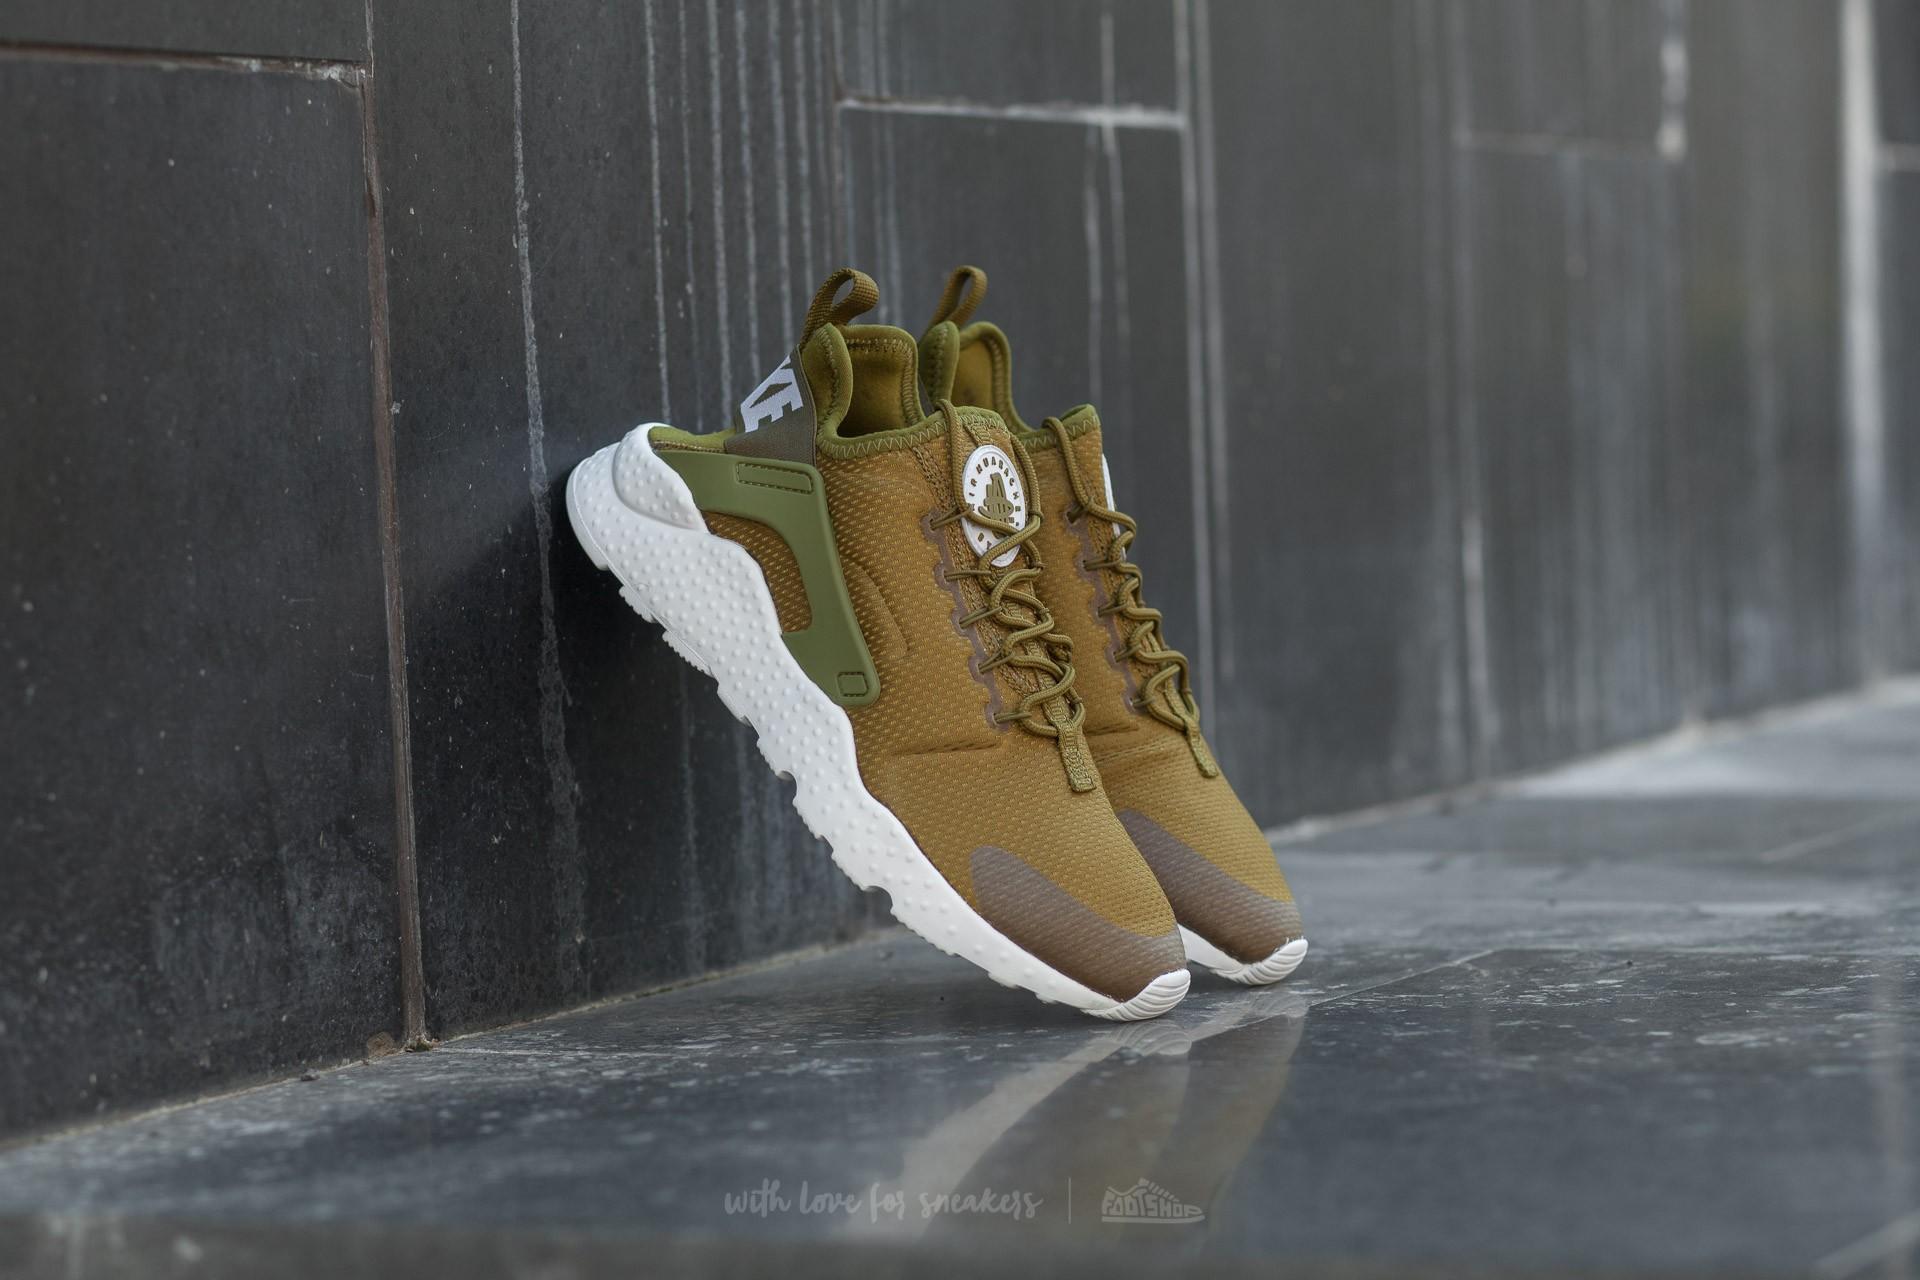 c8f226696c0a Nike W Air Huarache Run Ultra Olive Flak  White